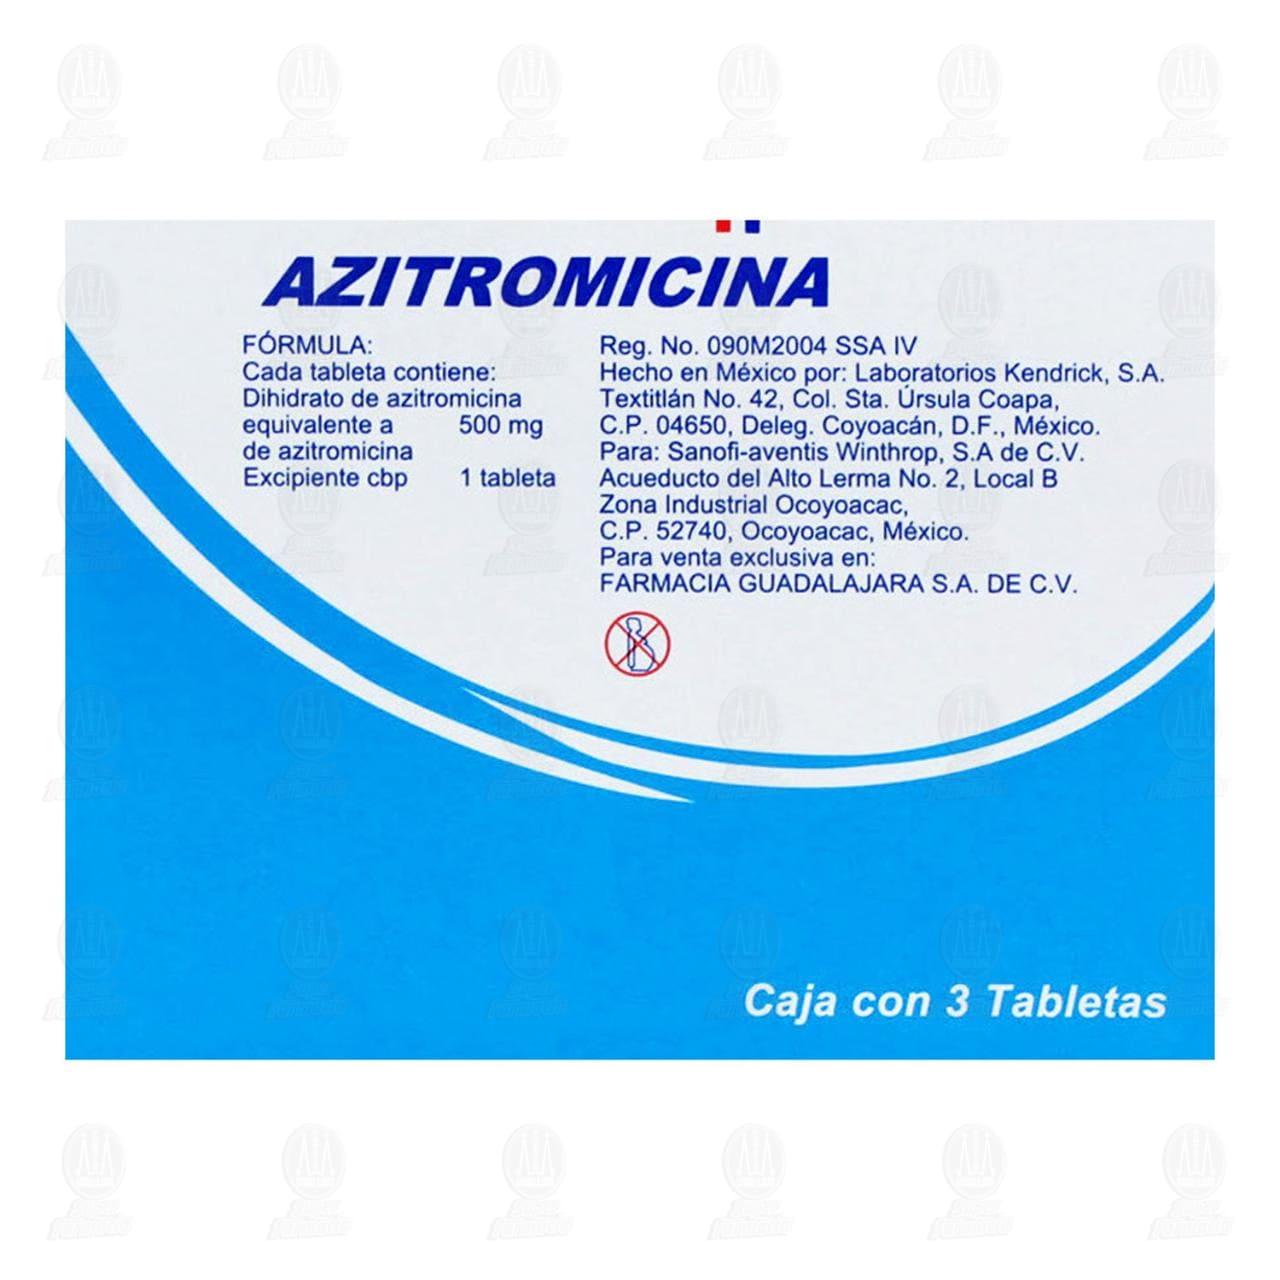 Azitromicina 500mg Tabletas Caja Con 3